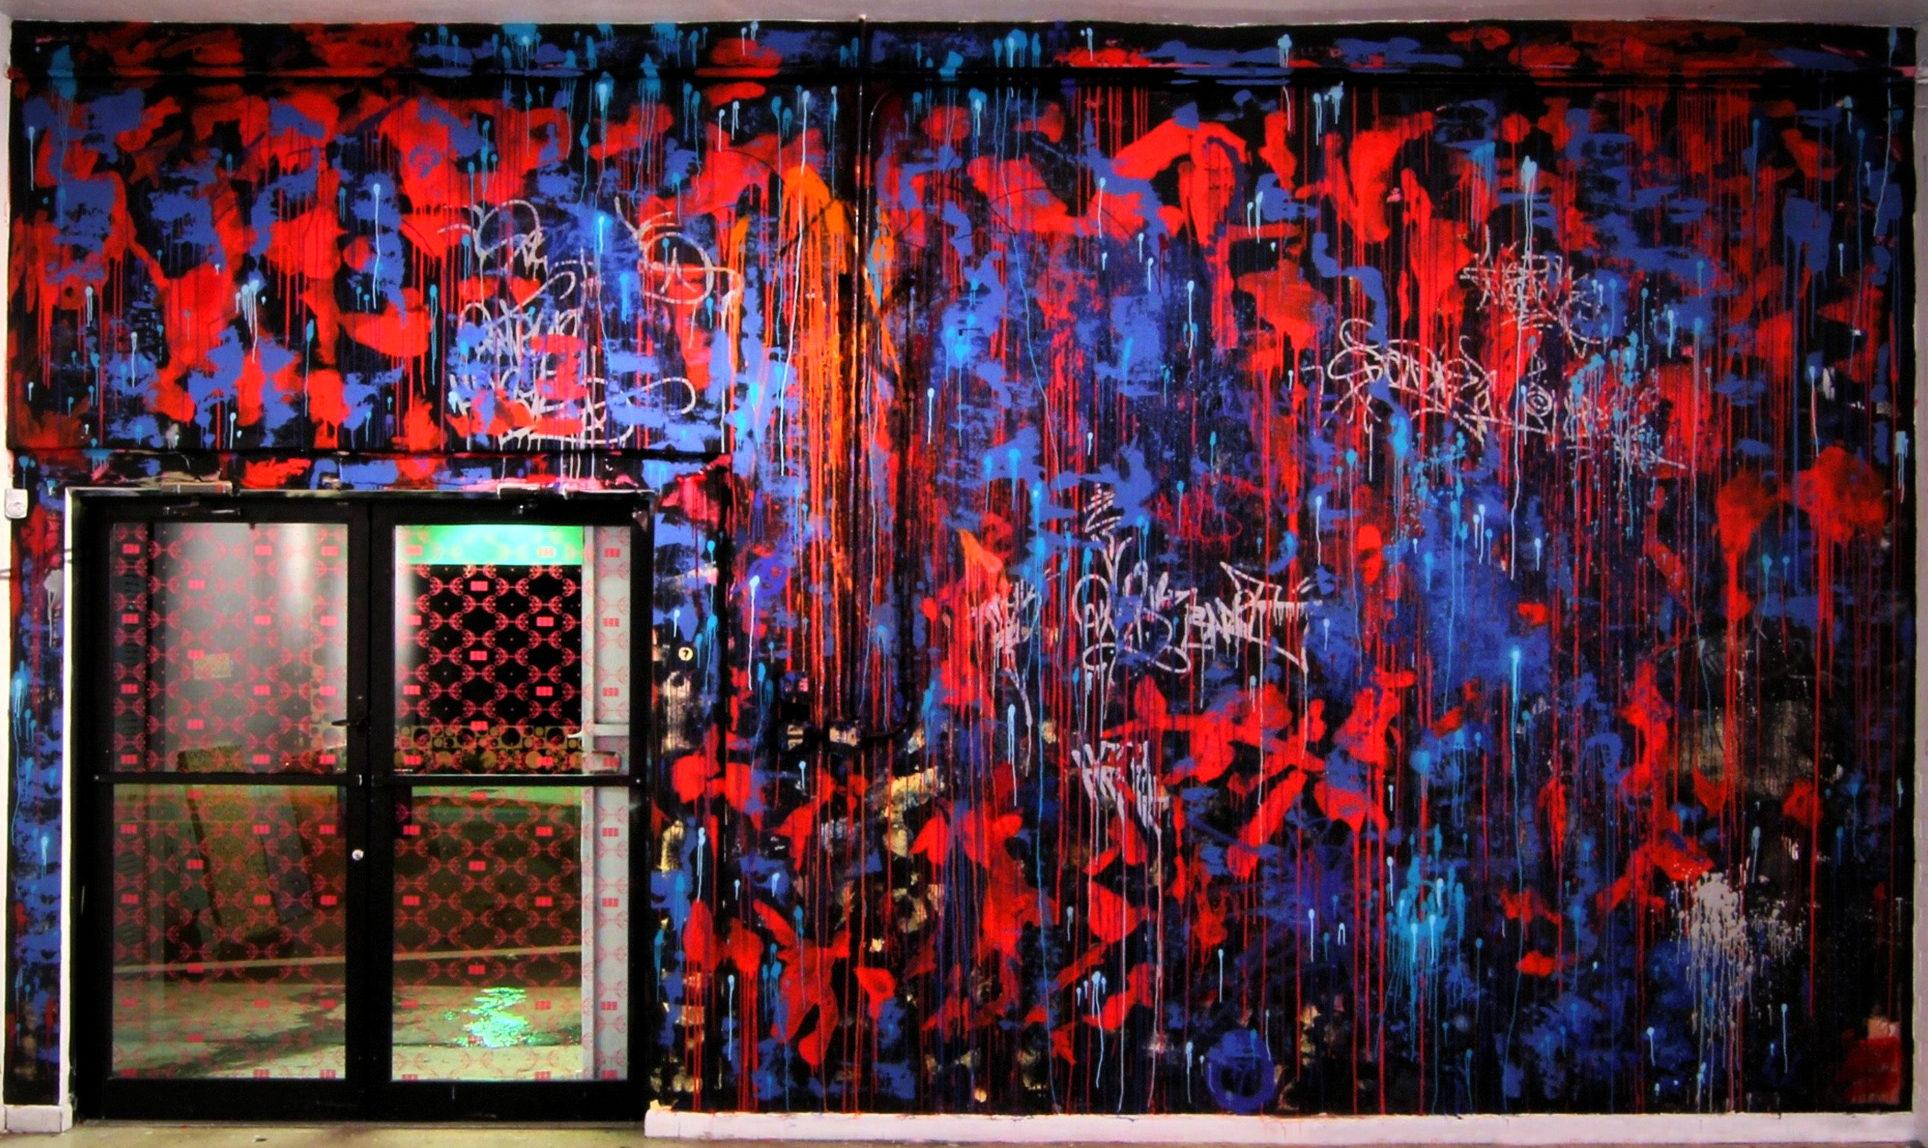 Walls Gallery